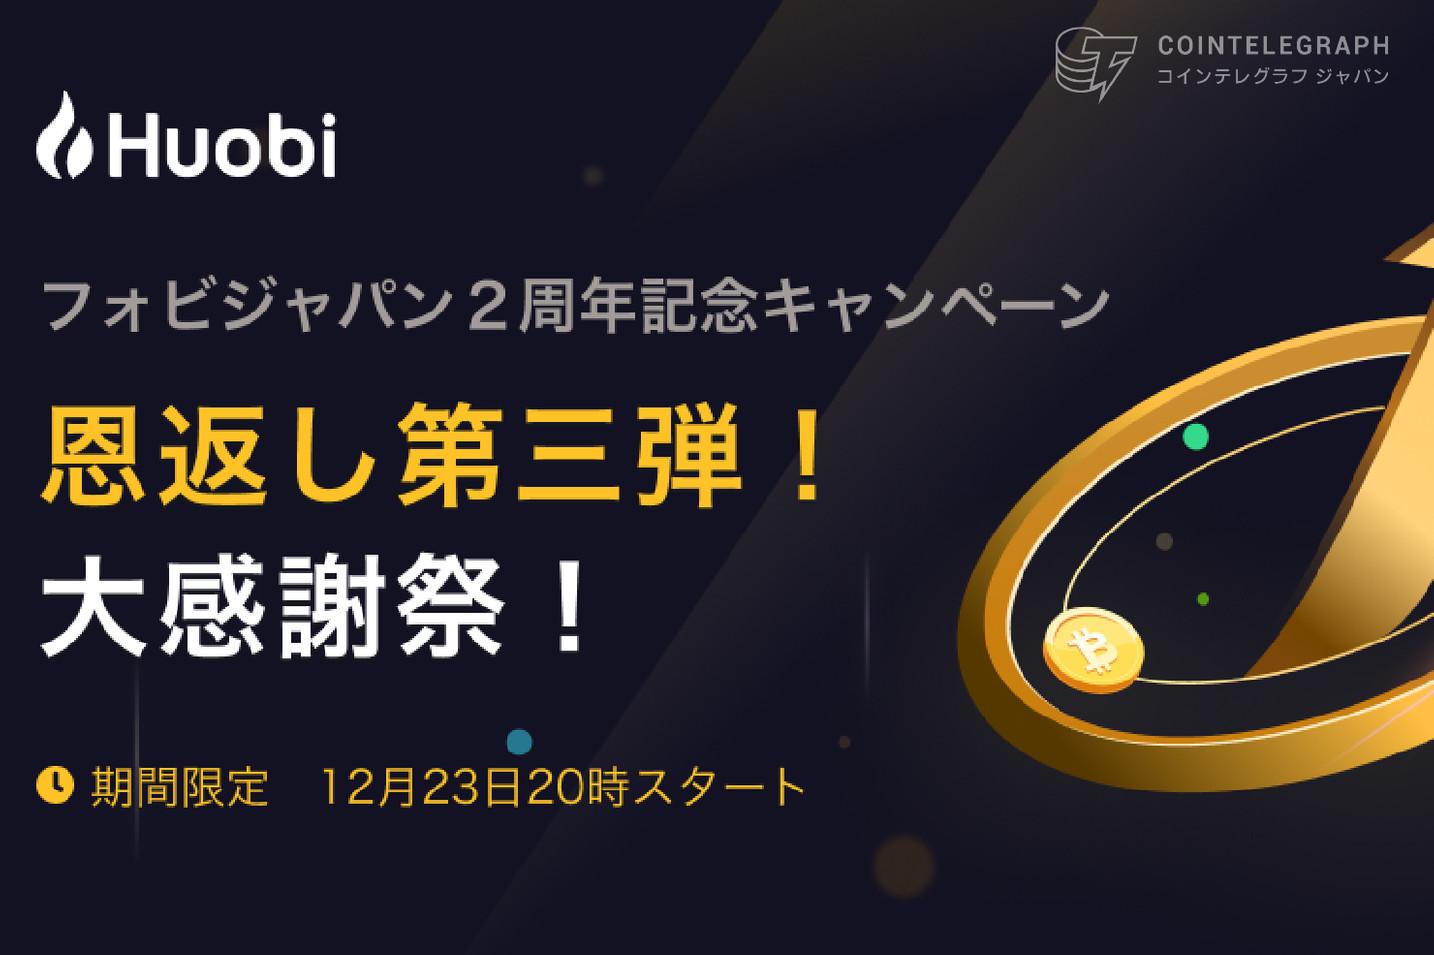 【2周年記念】ビットコイン恩返しキャンペーンを開催します!